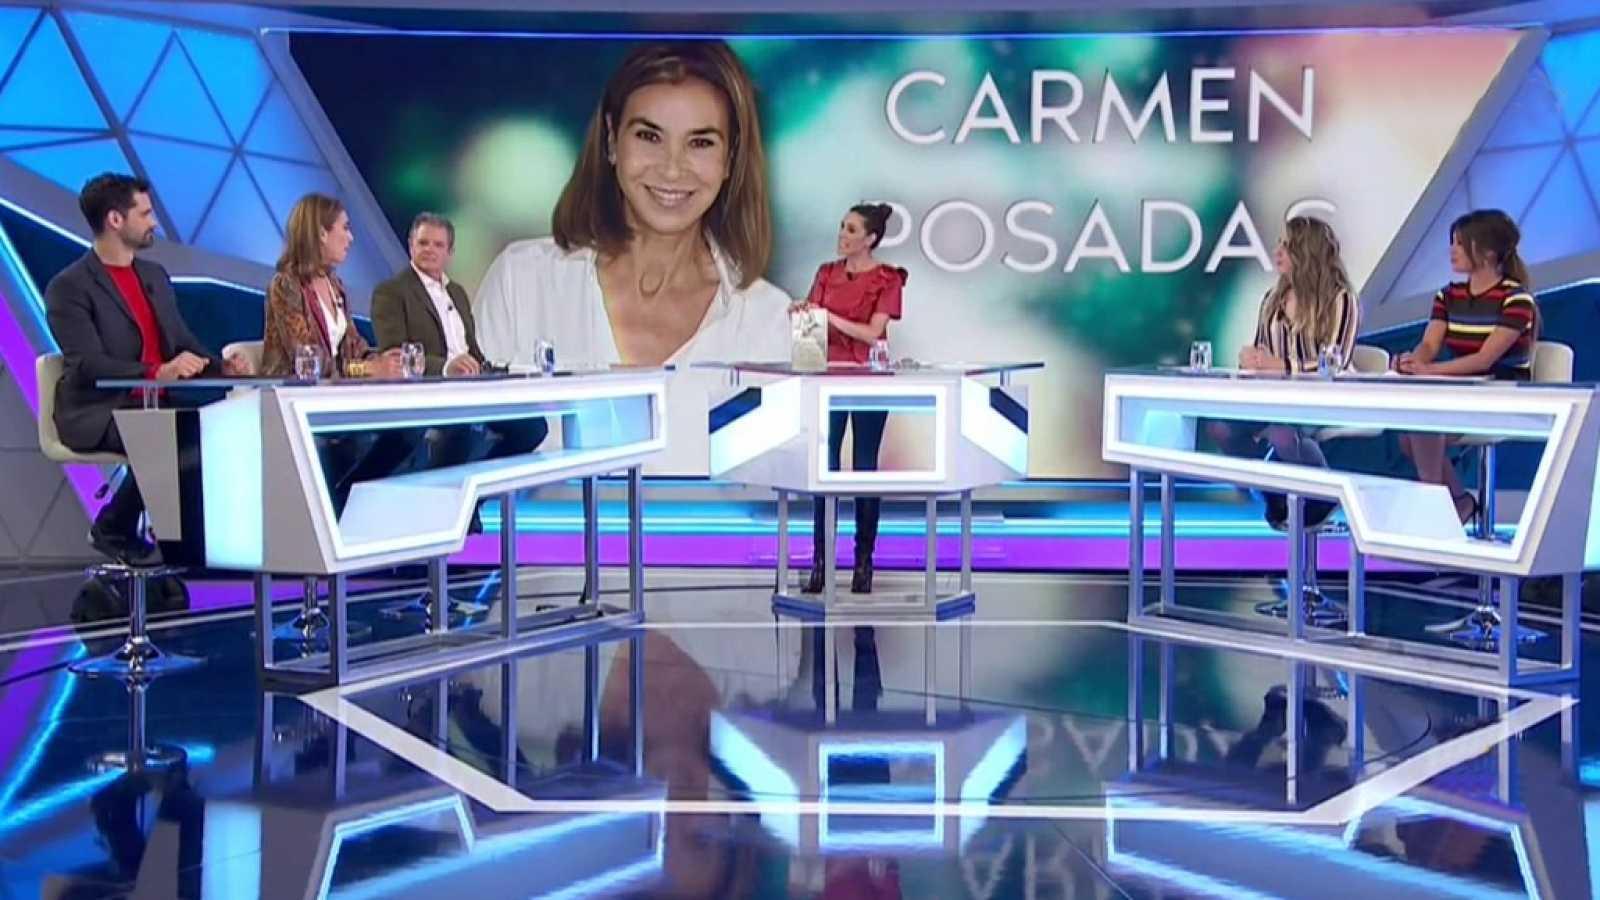 Lo siguiente - Carmen Posadas - 05/03/19 - ver ahora